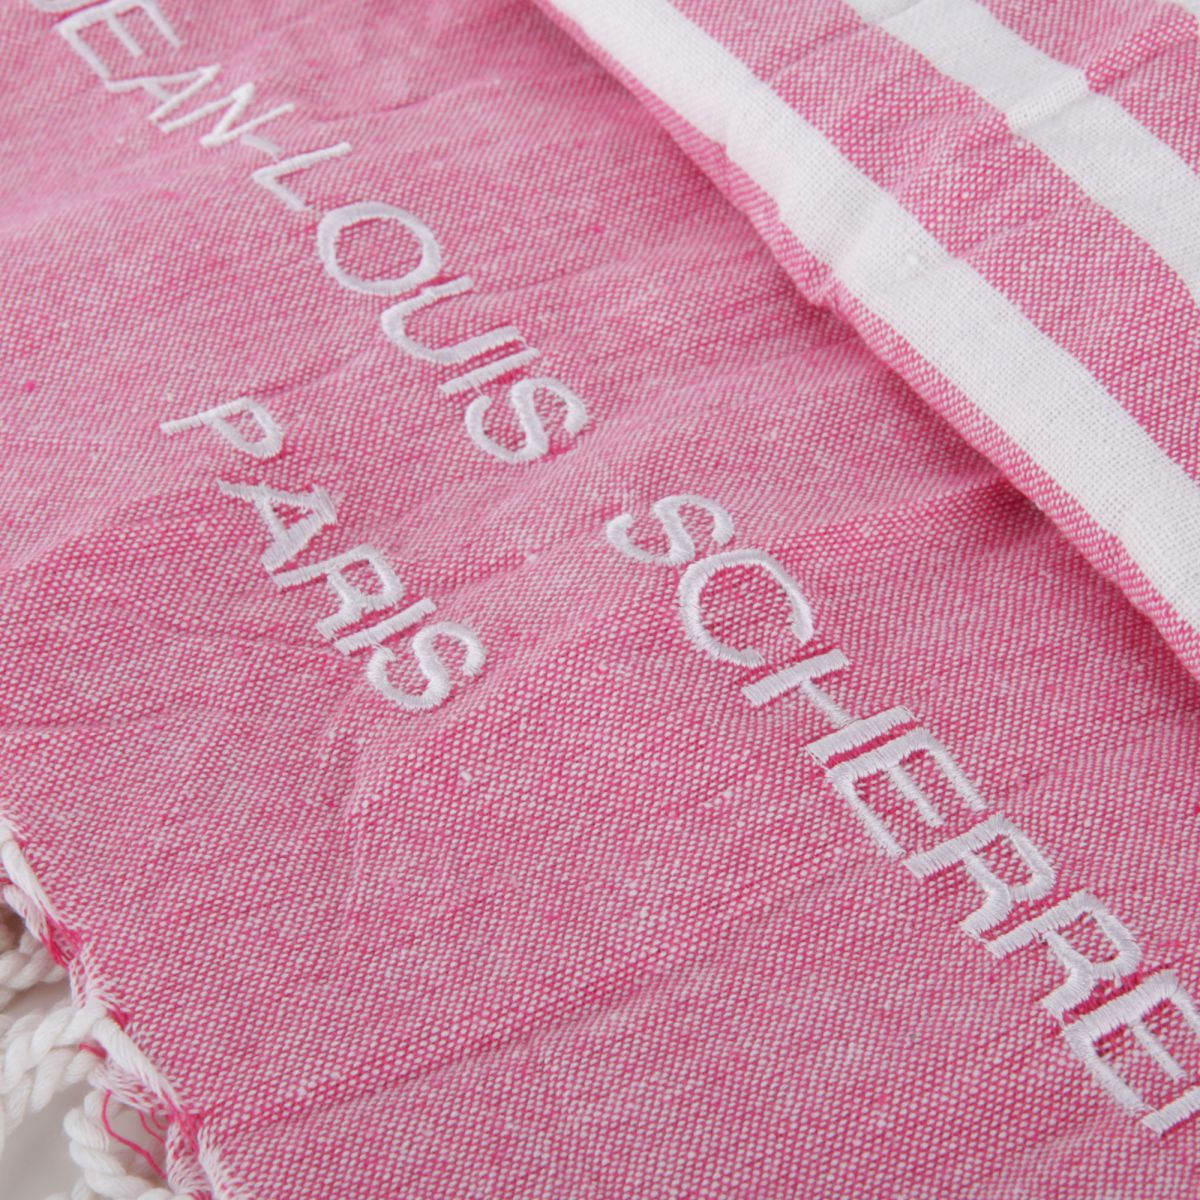 fouta de plage en coton jean louis scherrer prix d griff. Black Bedroom Furniture Sets. Home Design Ideas